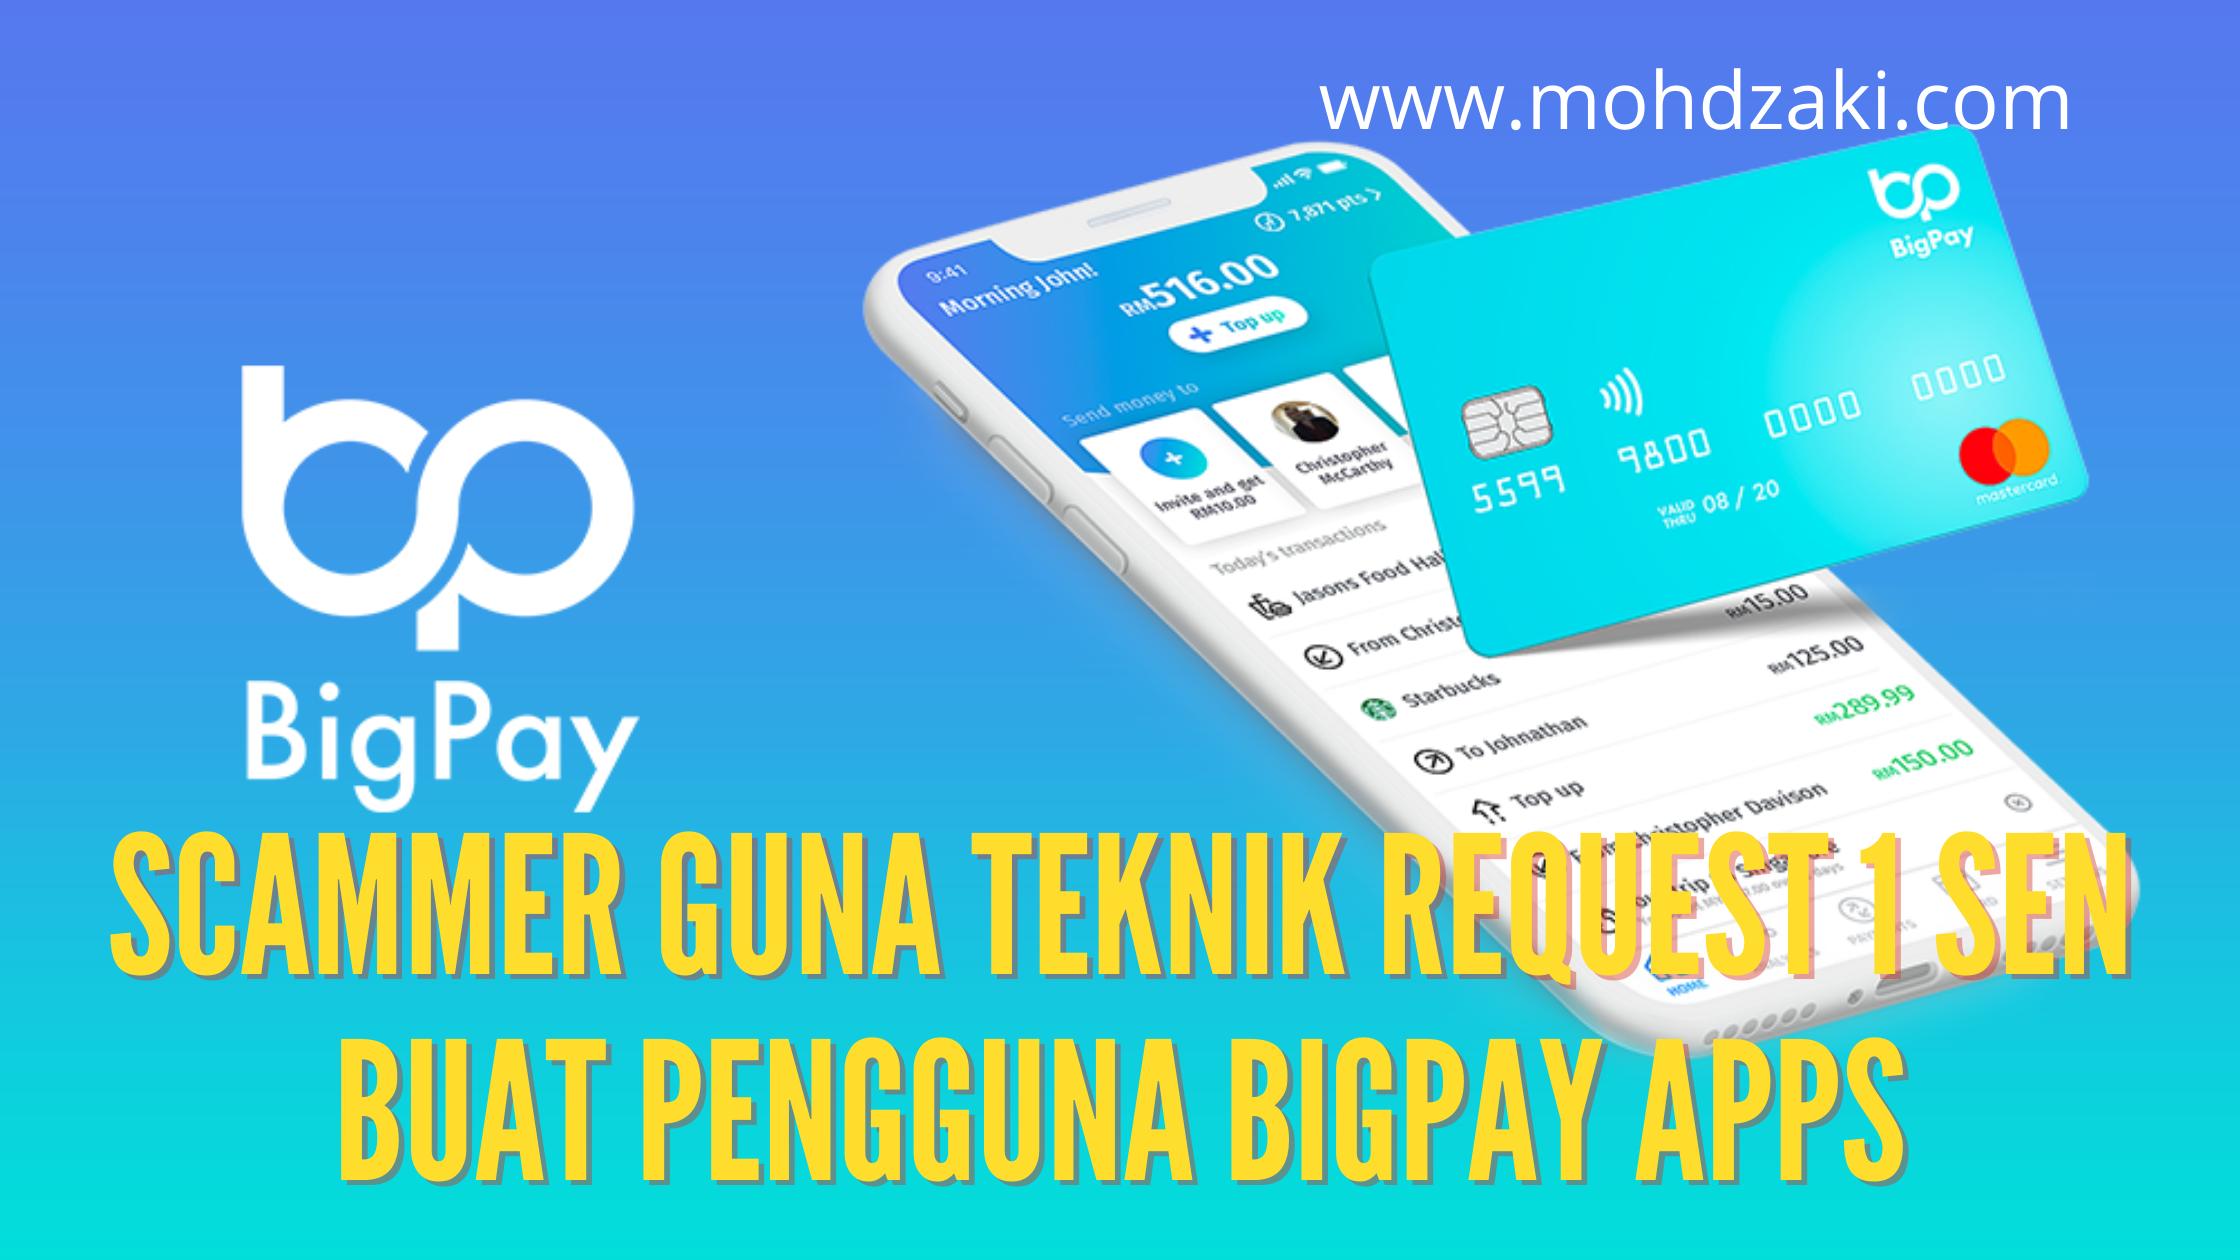 Scammer Guna Teknik Request 1 Sen Buat Pengguna BigPay Apps, Hati – Hati Semua